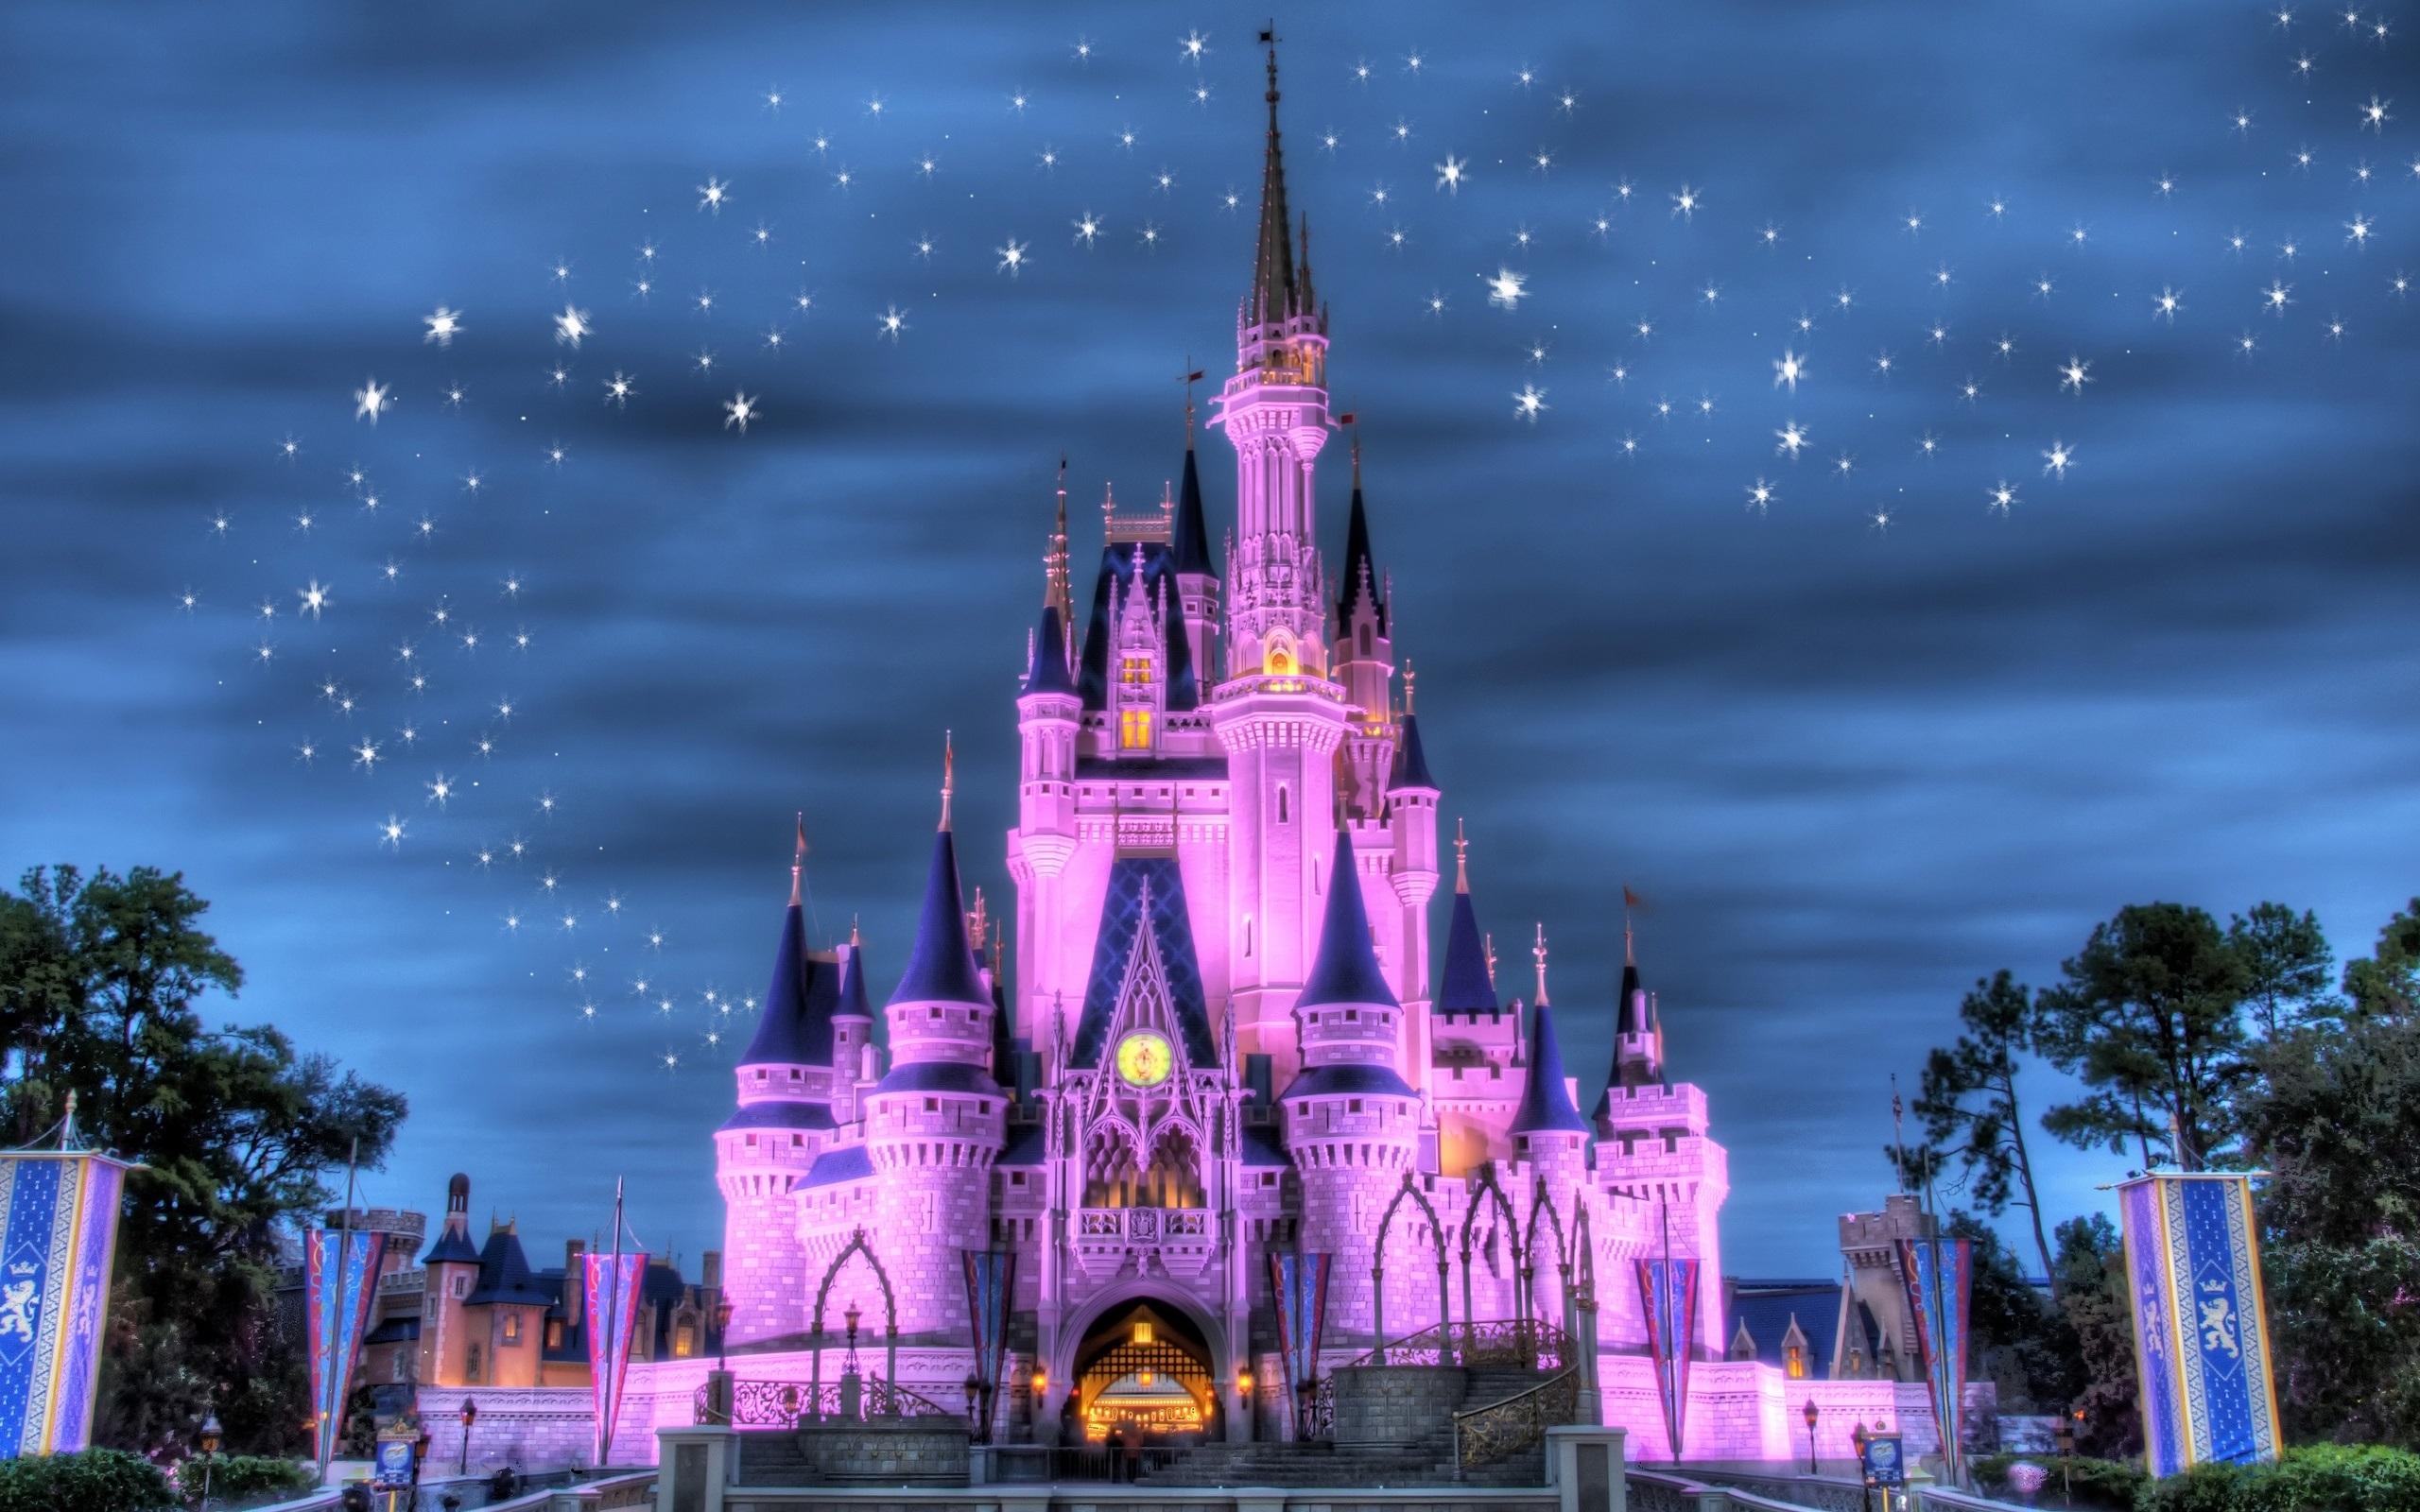 壁紙 ディズニーランド 城 夜 ライト 星 紫スタイル 2560x1600 Hd